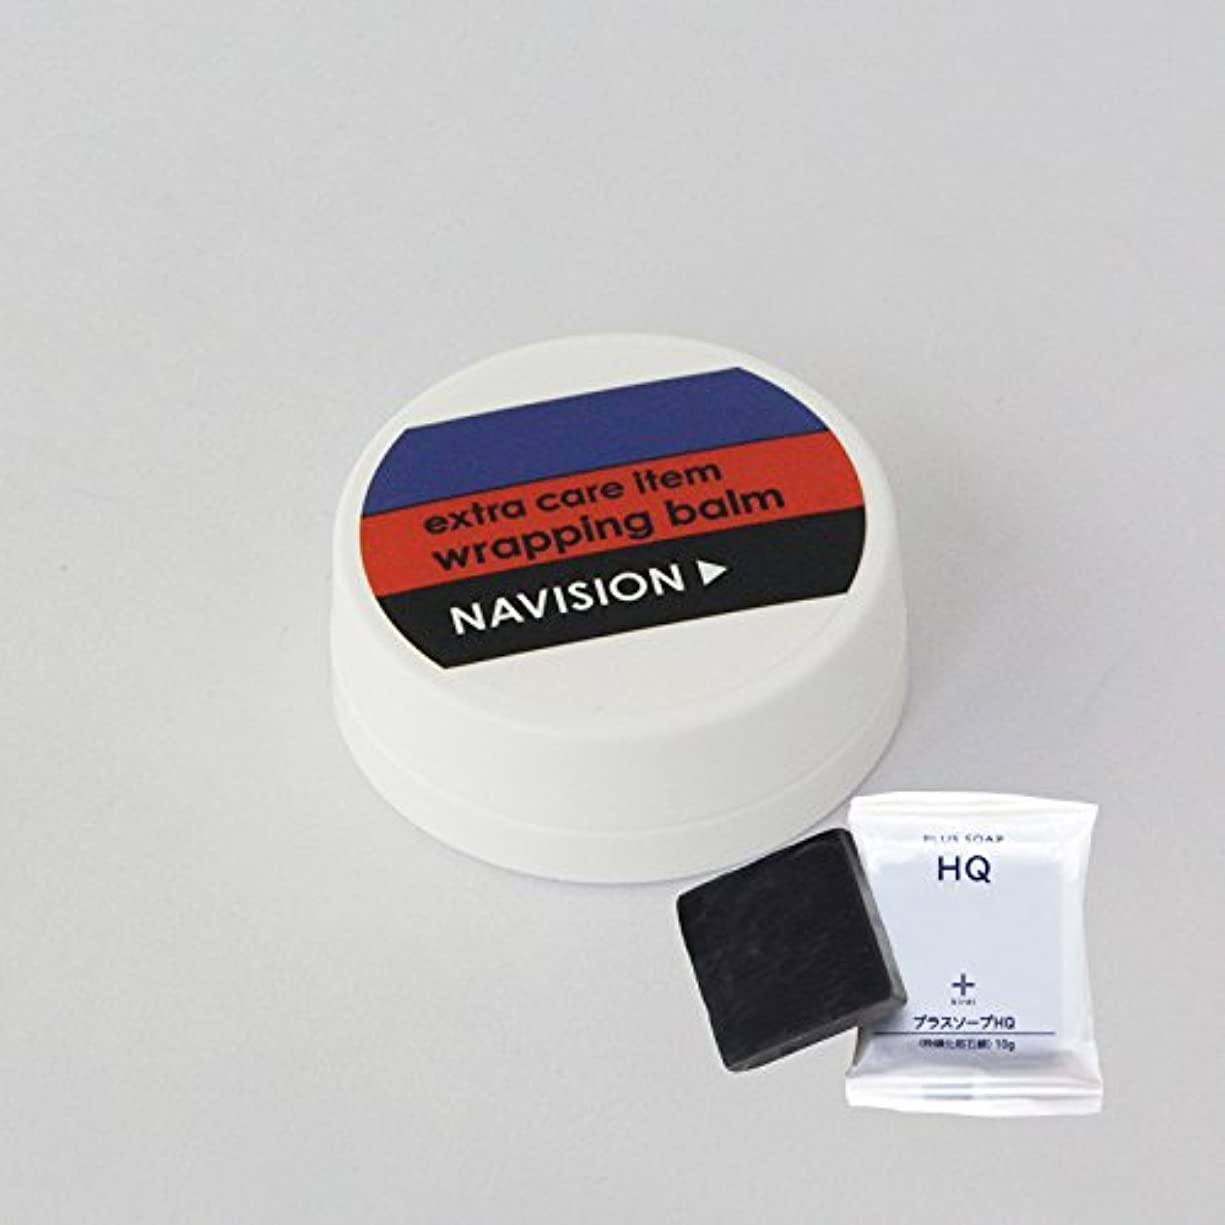 モロニック妊娠した接続詞ナビジョン NAVISION ラッピングバーム 5g + プラスキレイ プラスソープHQミニ